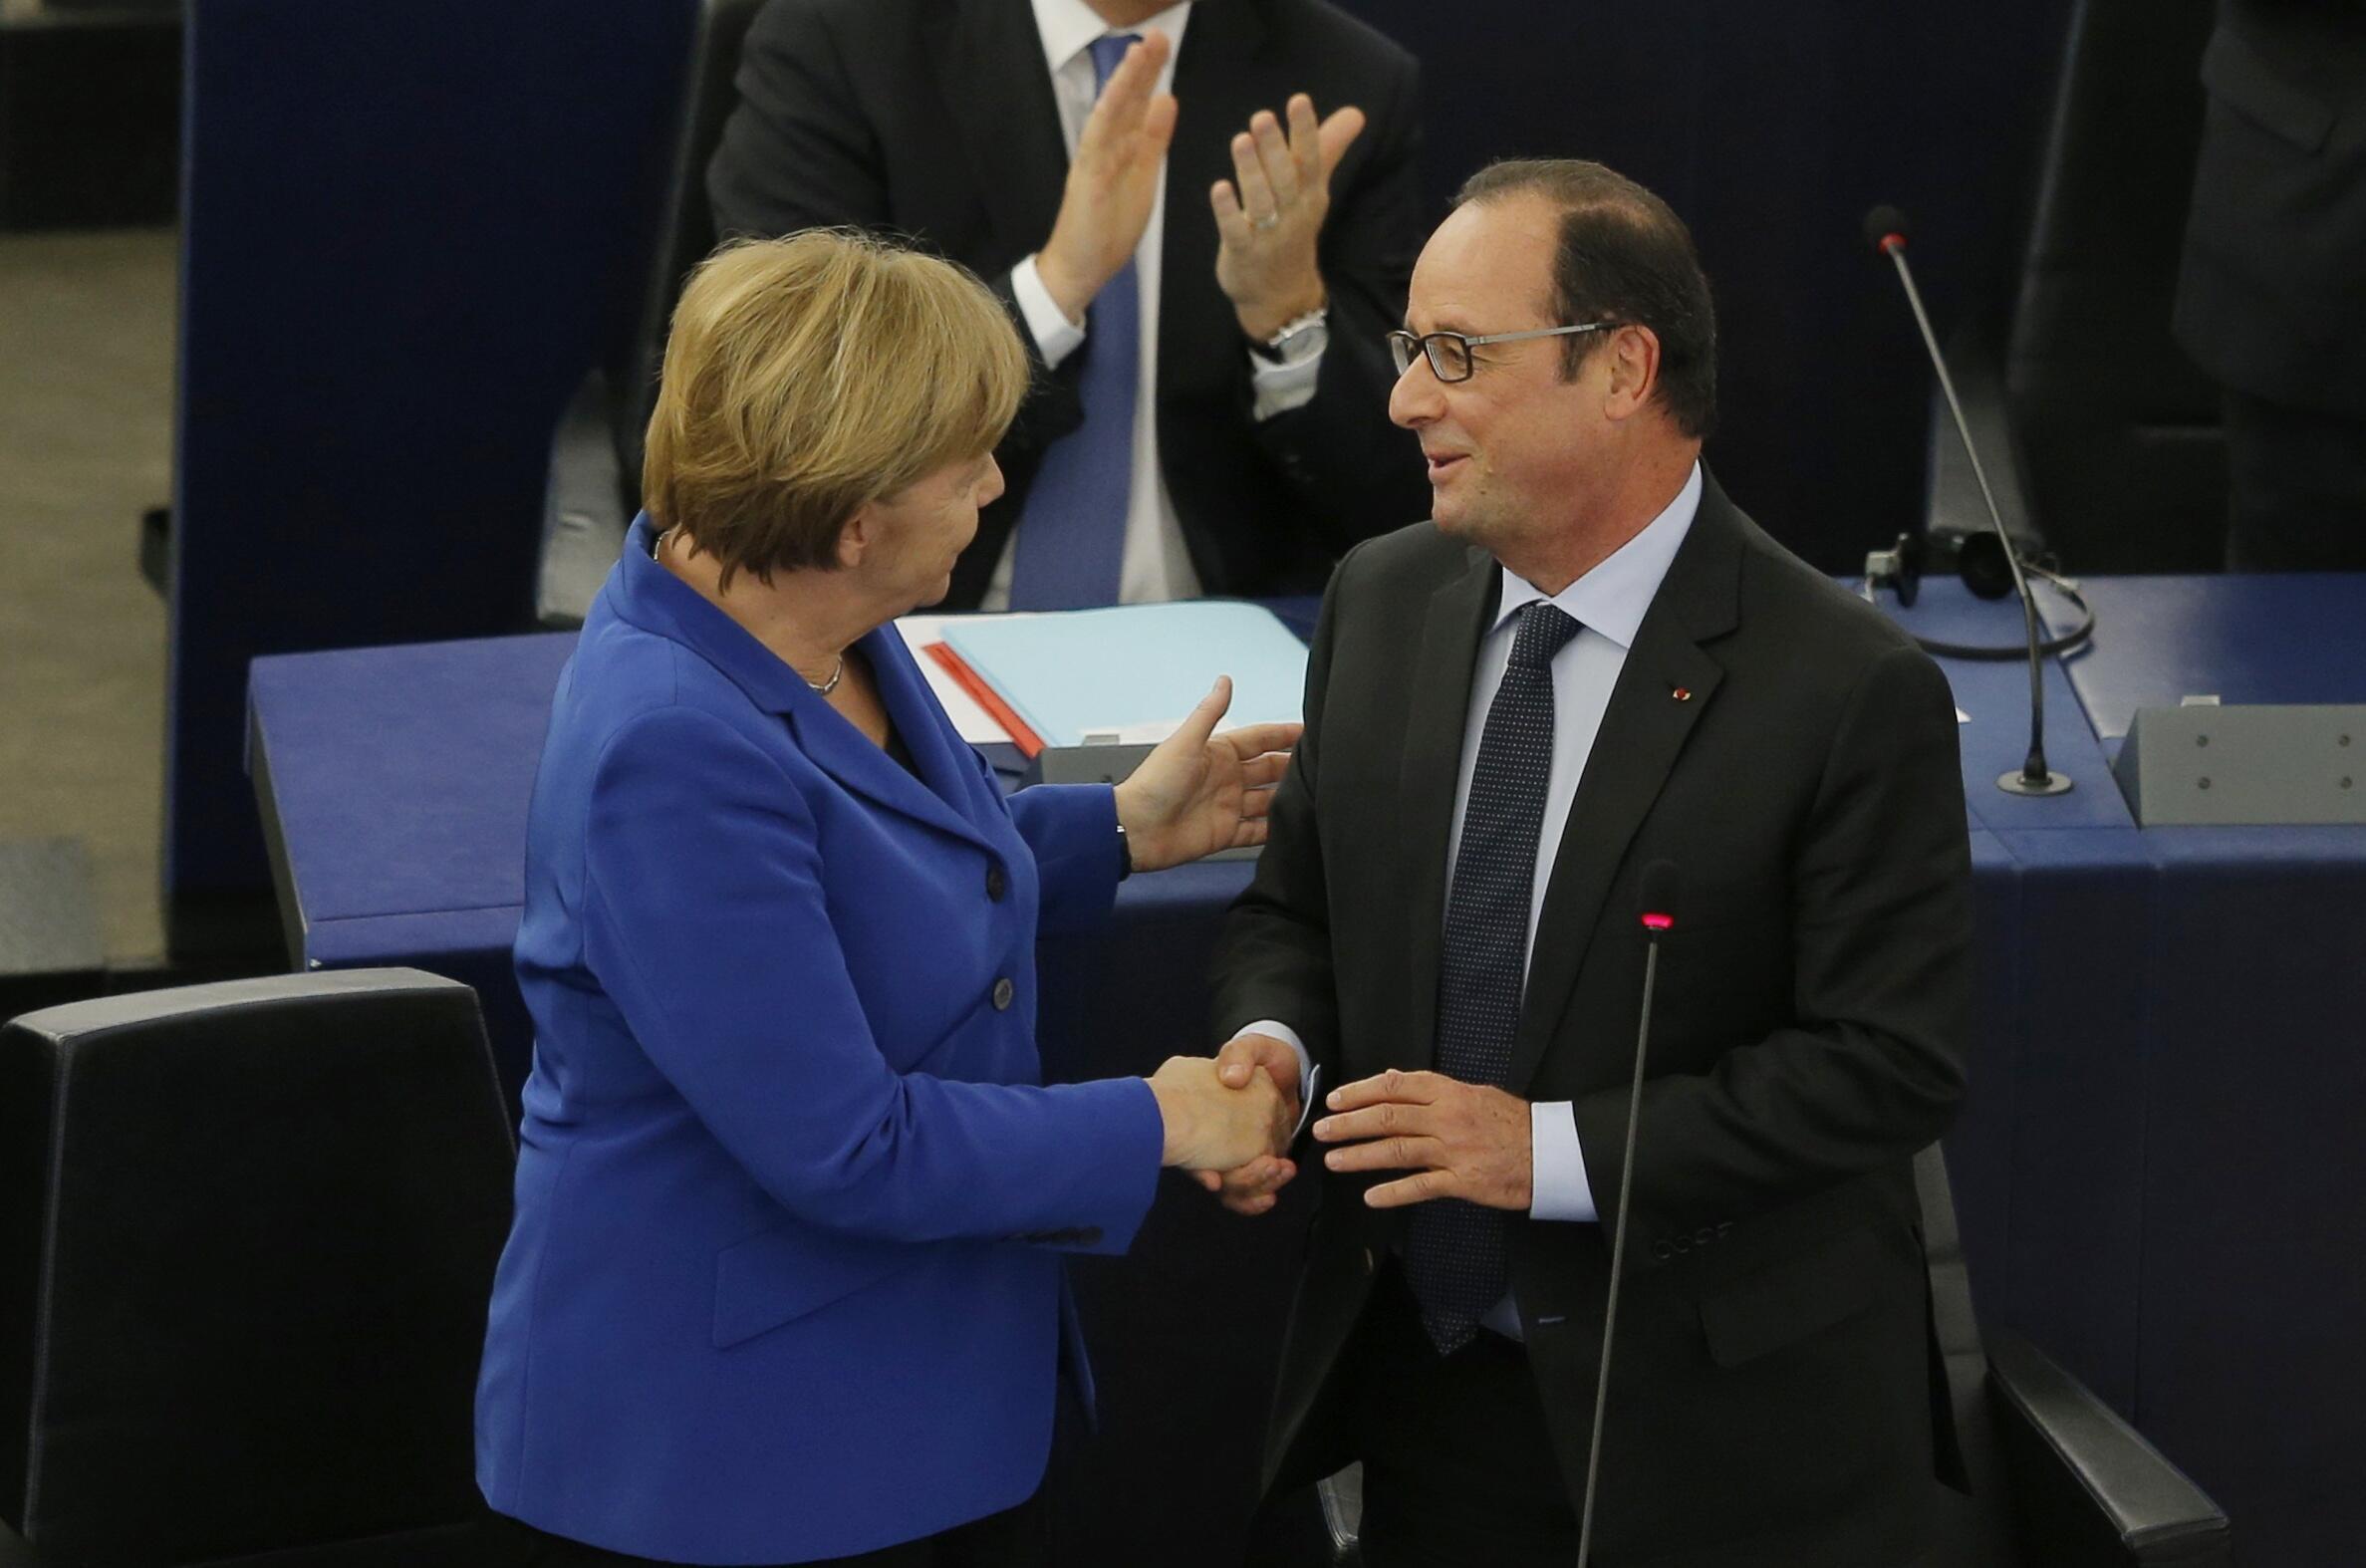 Angela Merkel e François Hollande, a 7 de Outubro de 2015 no Parlamento europeu  em Estrasbourg.